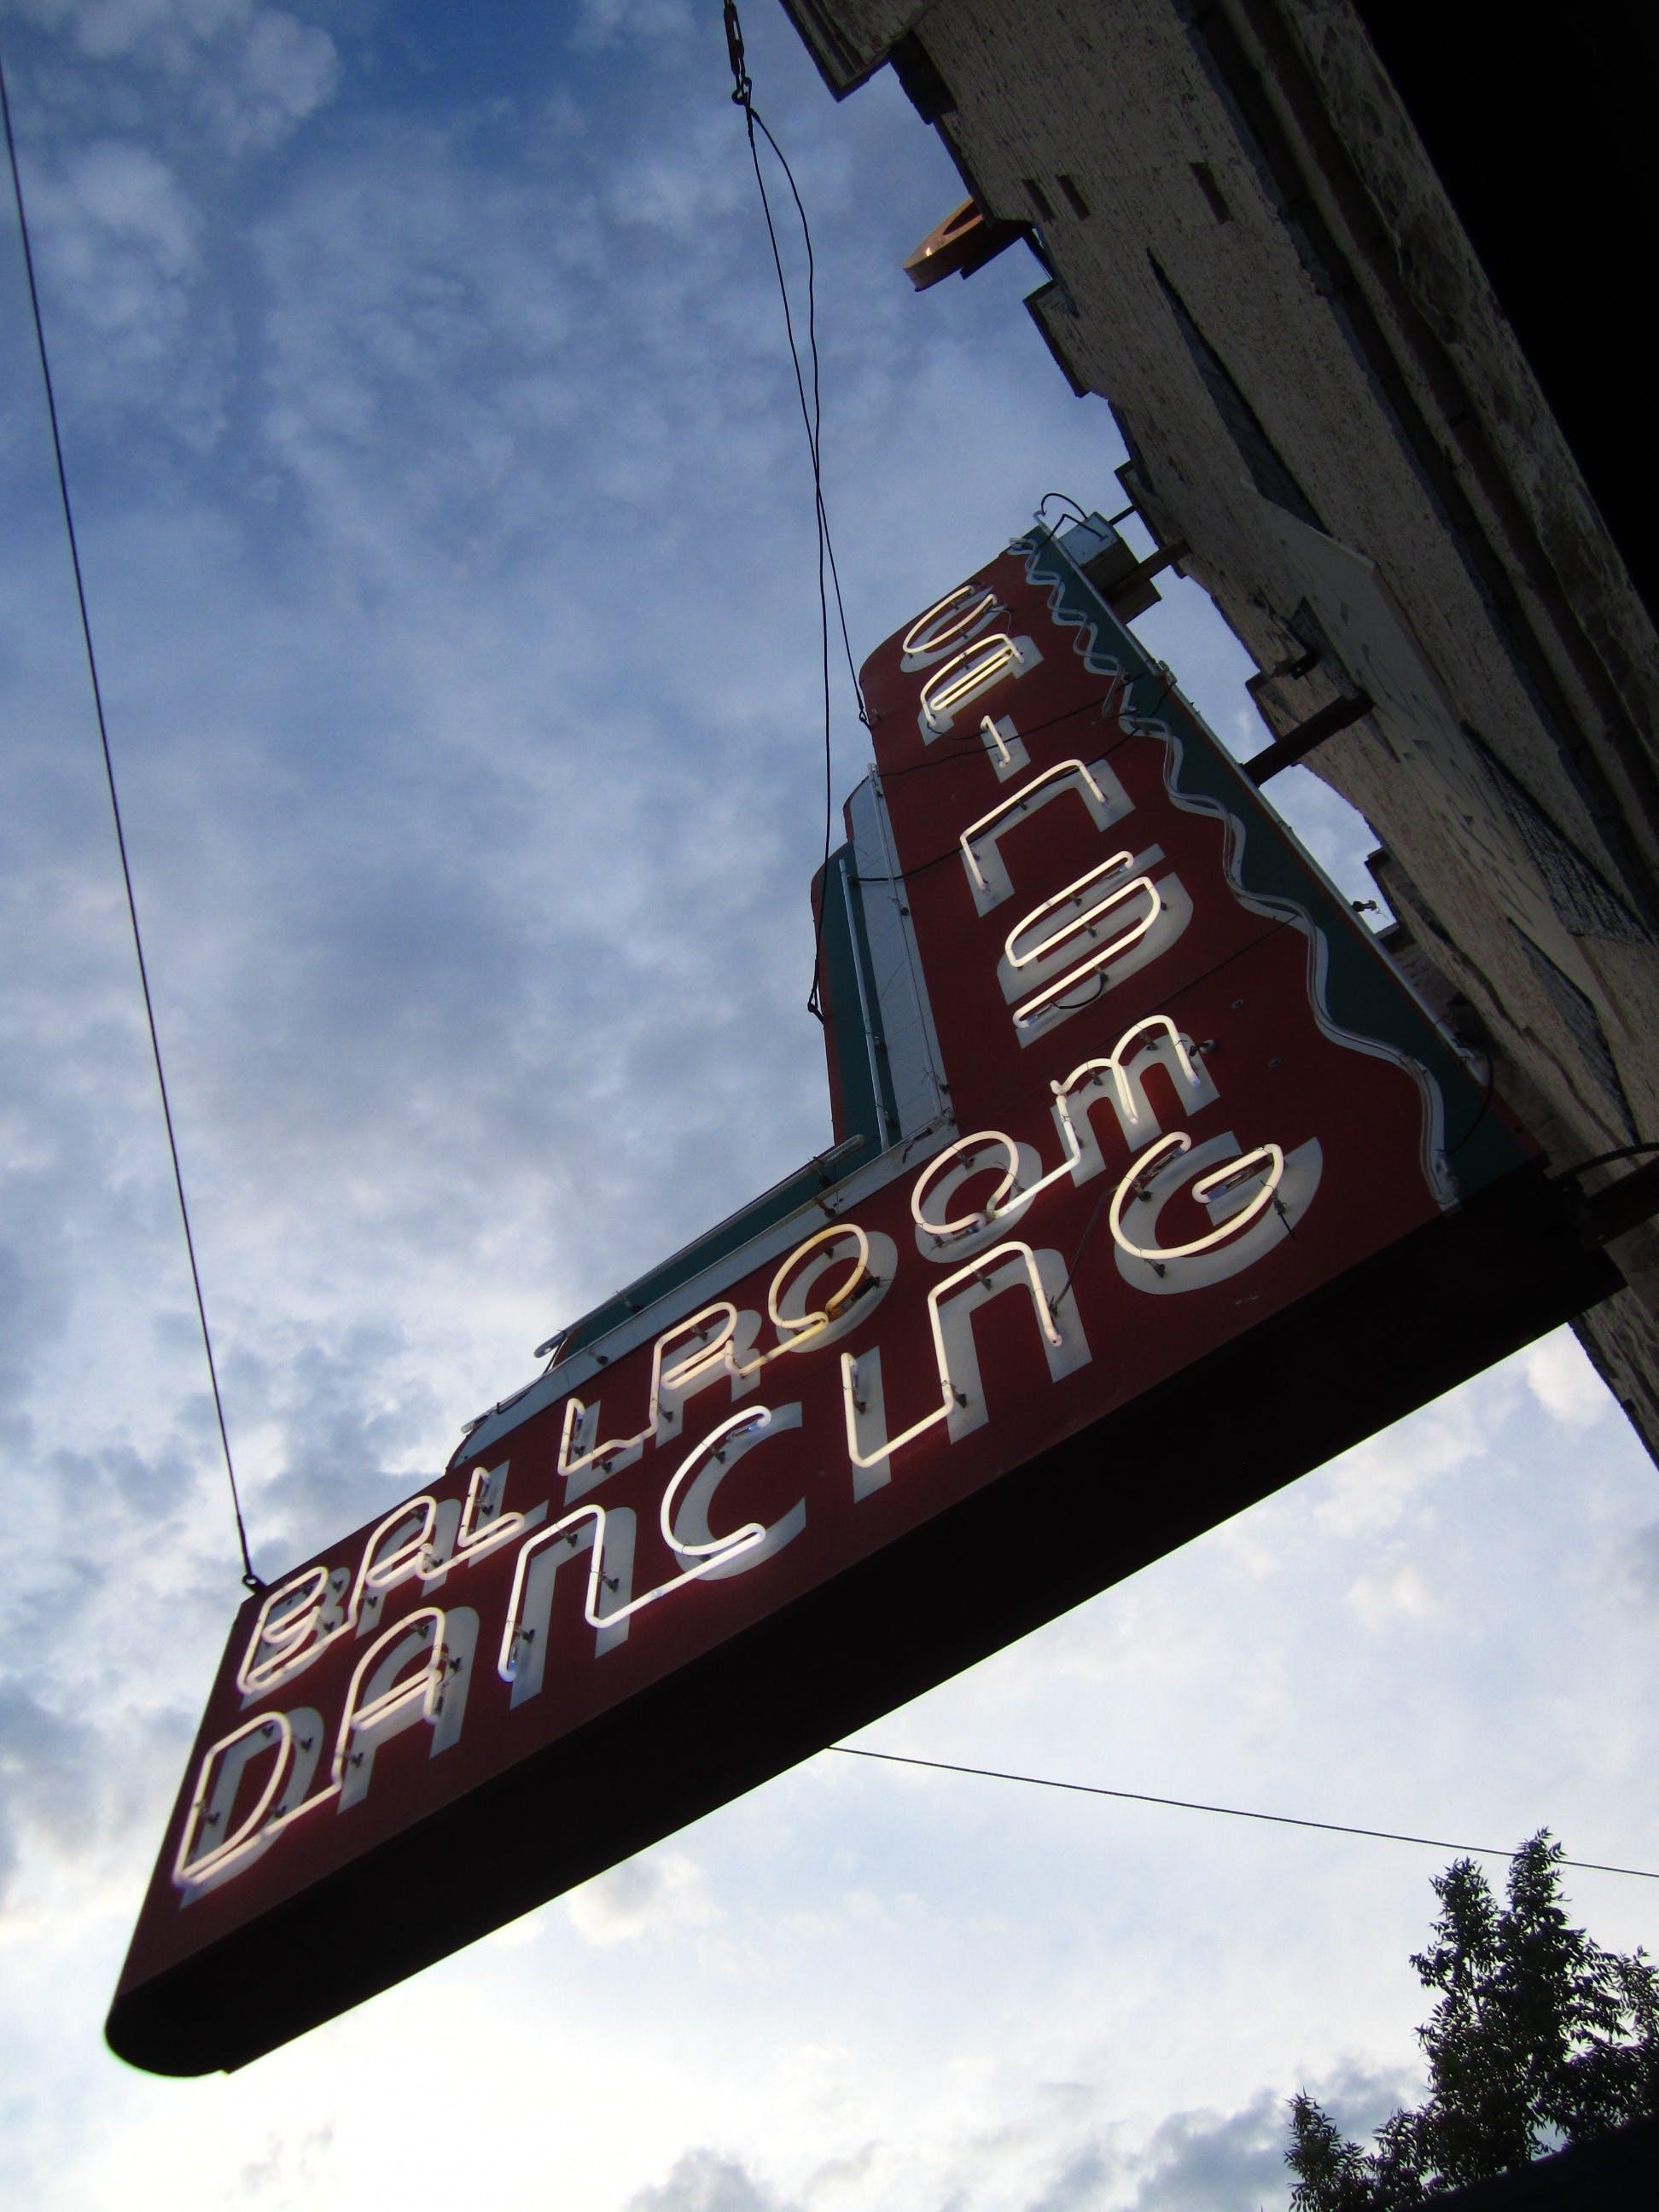 Free stock photo of oklahoma, concert venue, Cain's Ballroom, Cain's